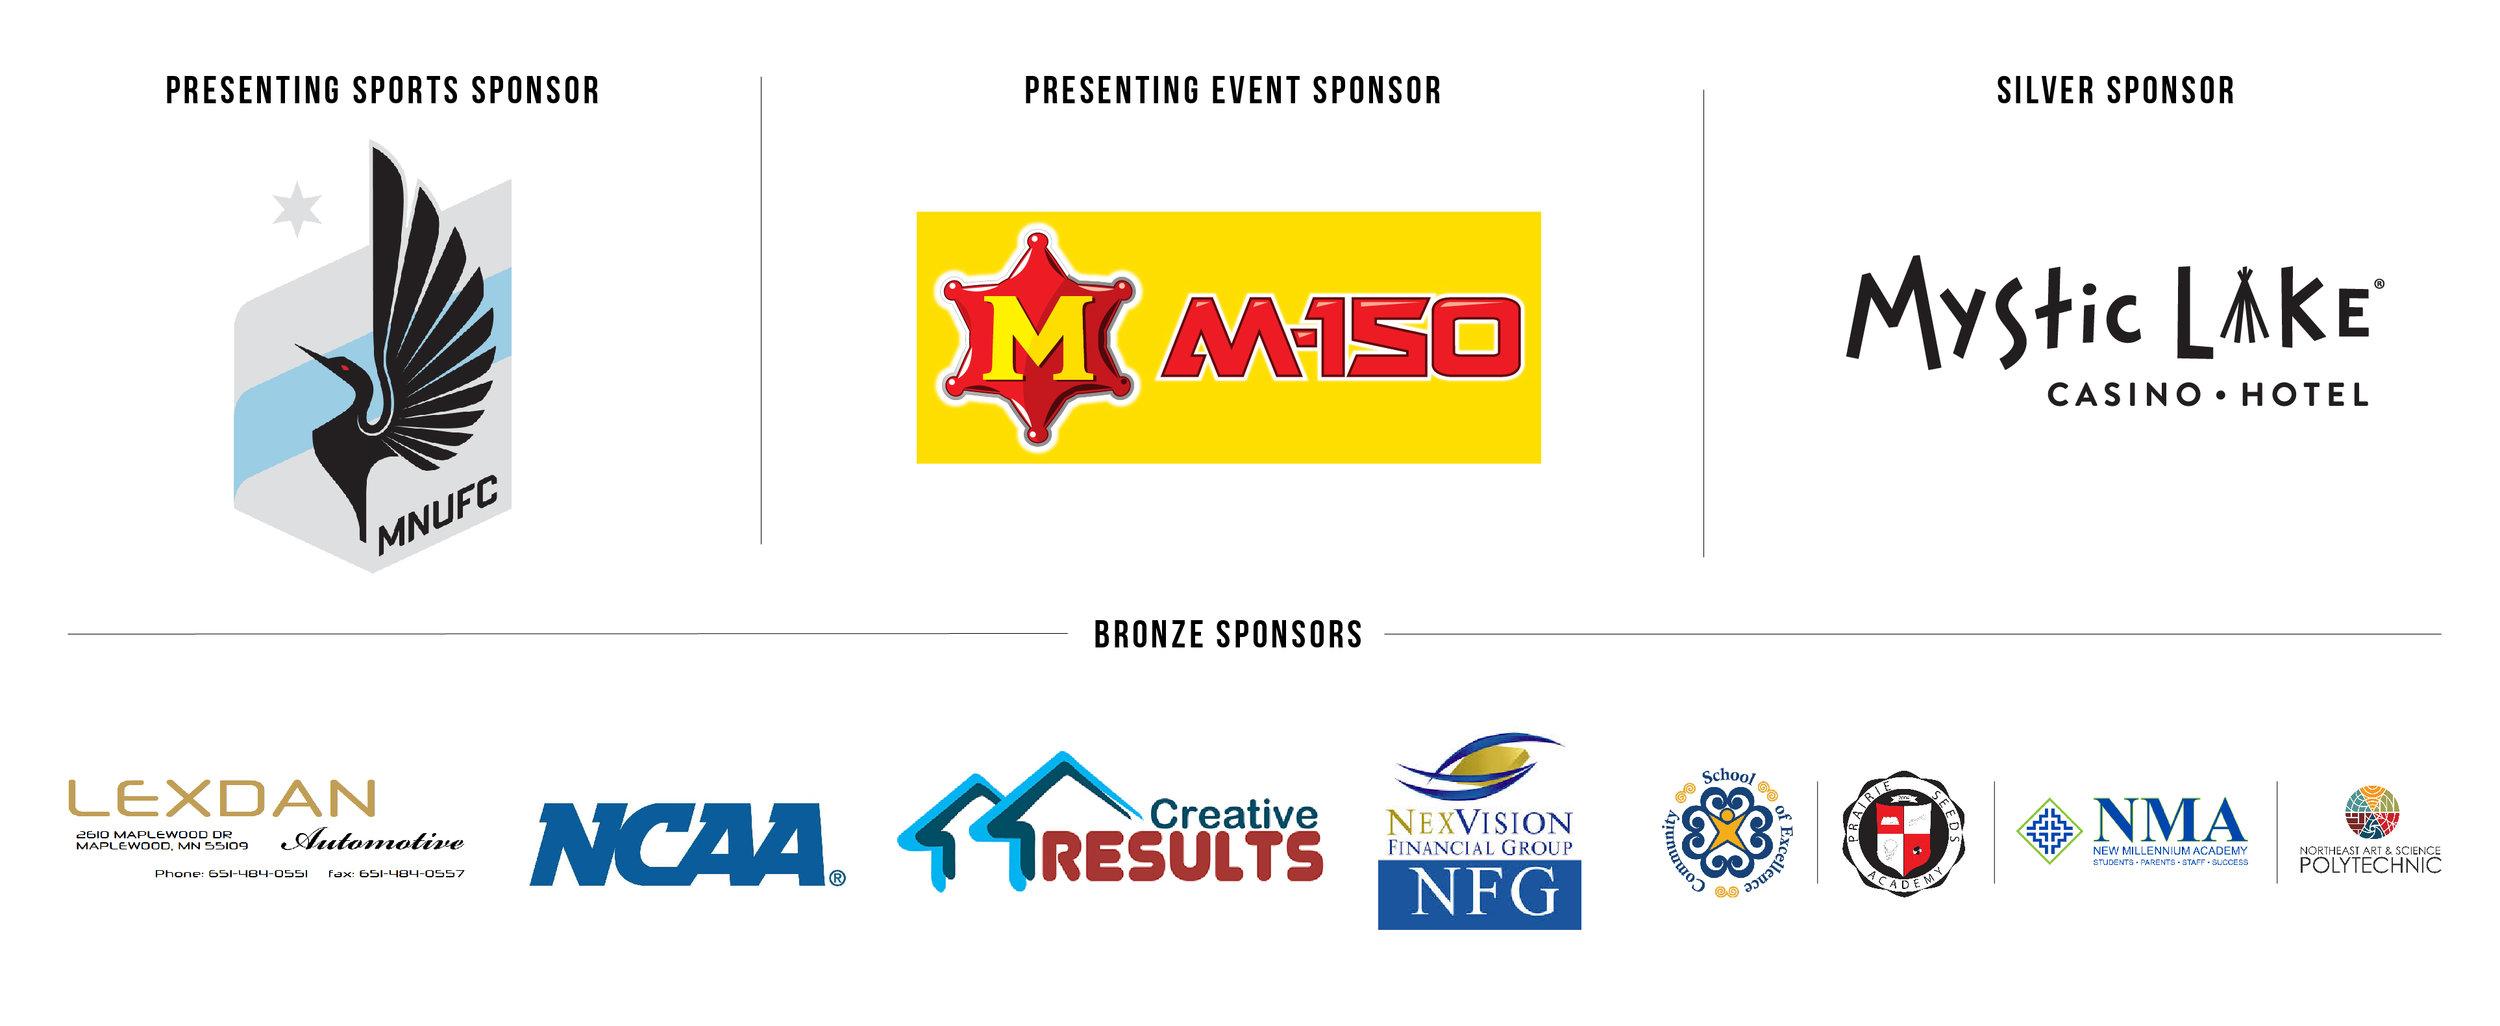 Sponsorship-collage-web-02.jpg